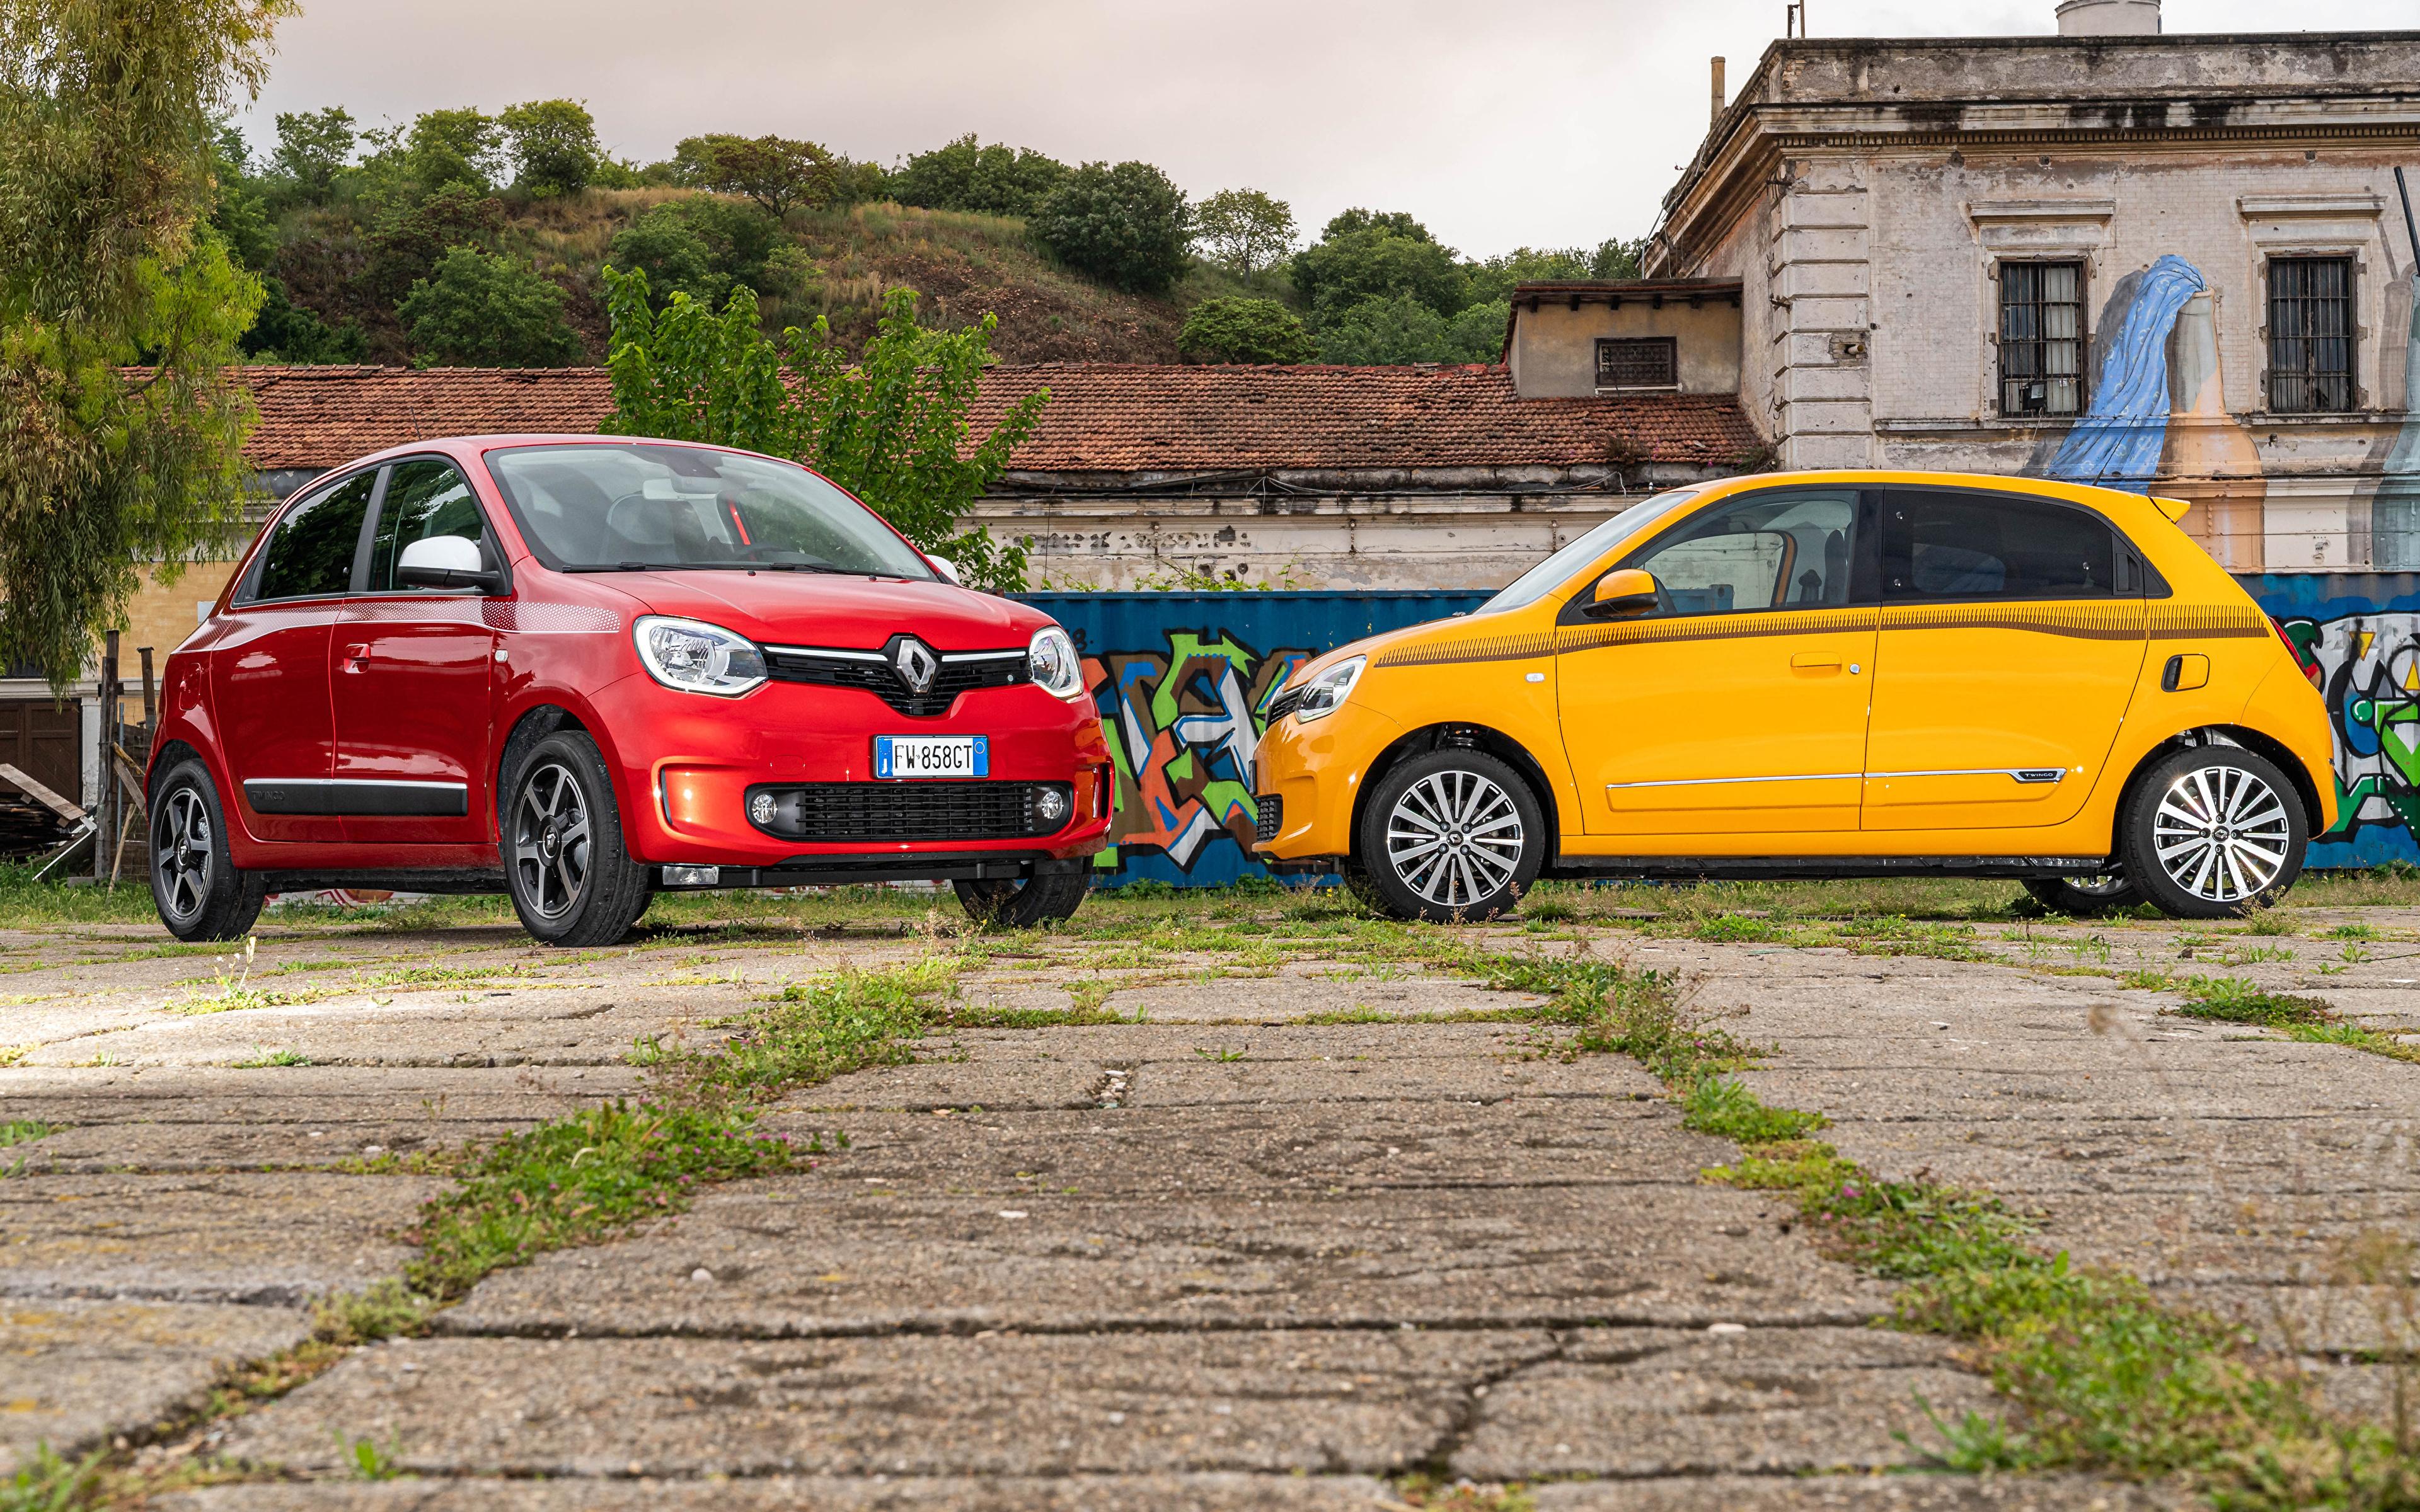 Фотографии Renault 2019-20 Twingo Worldwide два Автомобили 3840x2400 Рено 2 две Двое вдвоем авто машины машина автомобиль